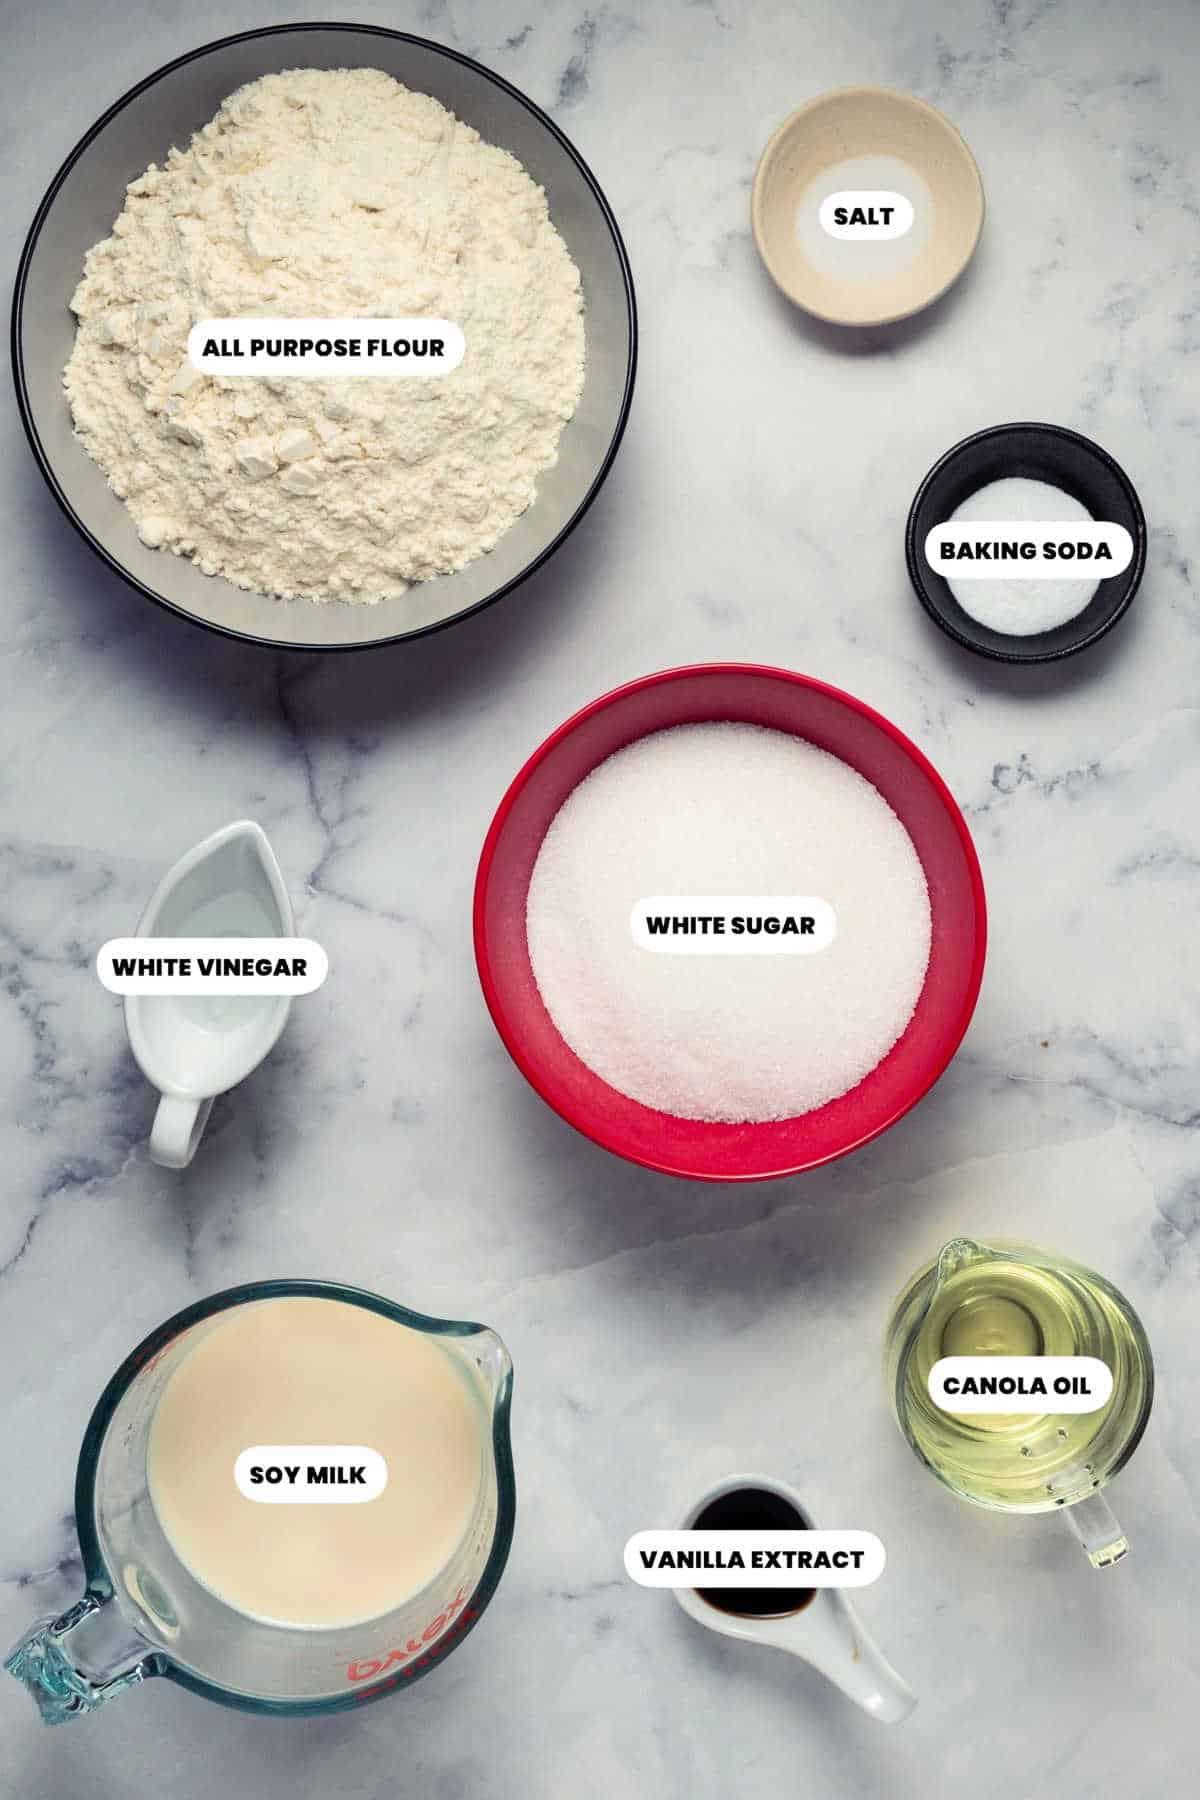 Ingredients to make the vegan sponge cake.